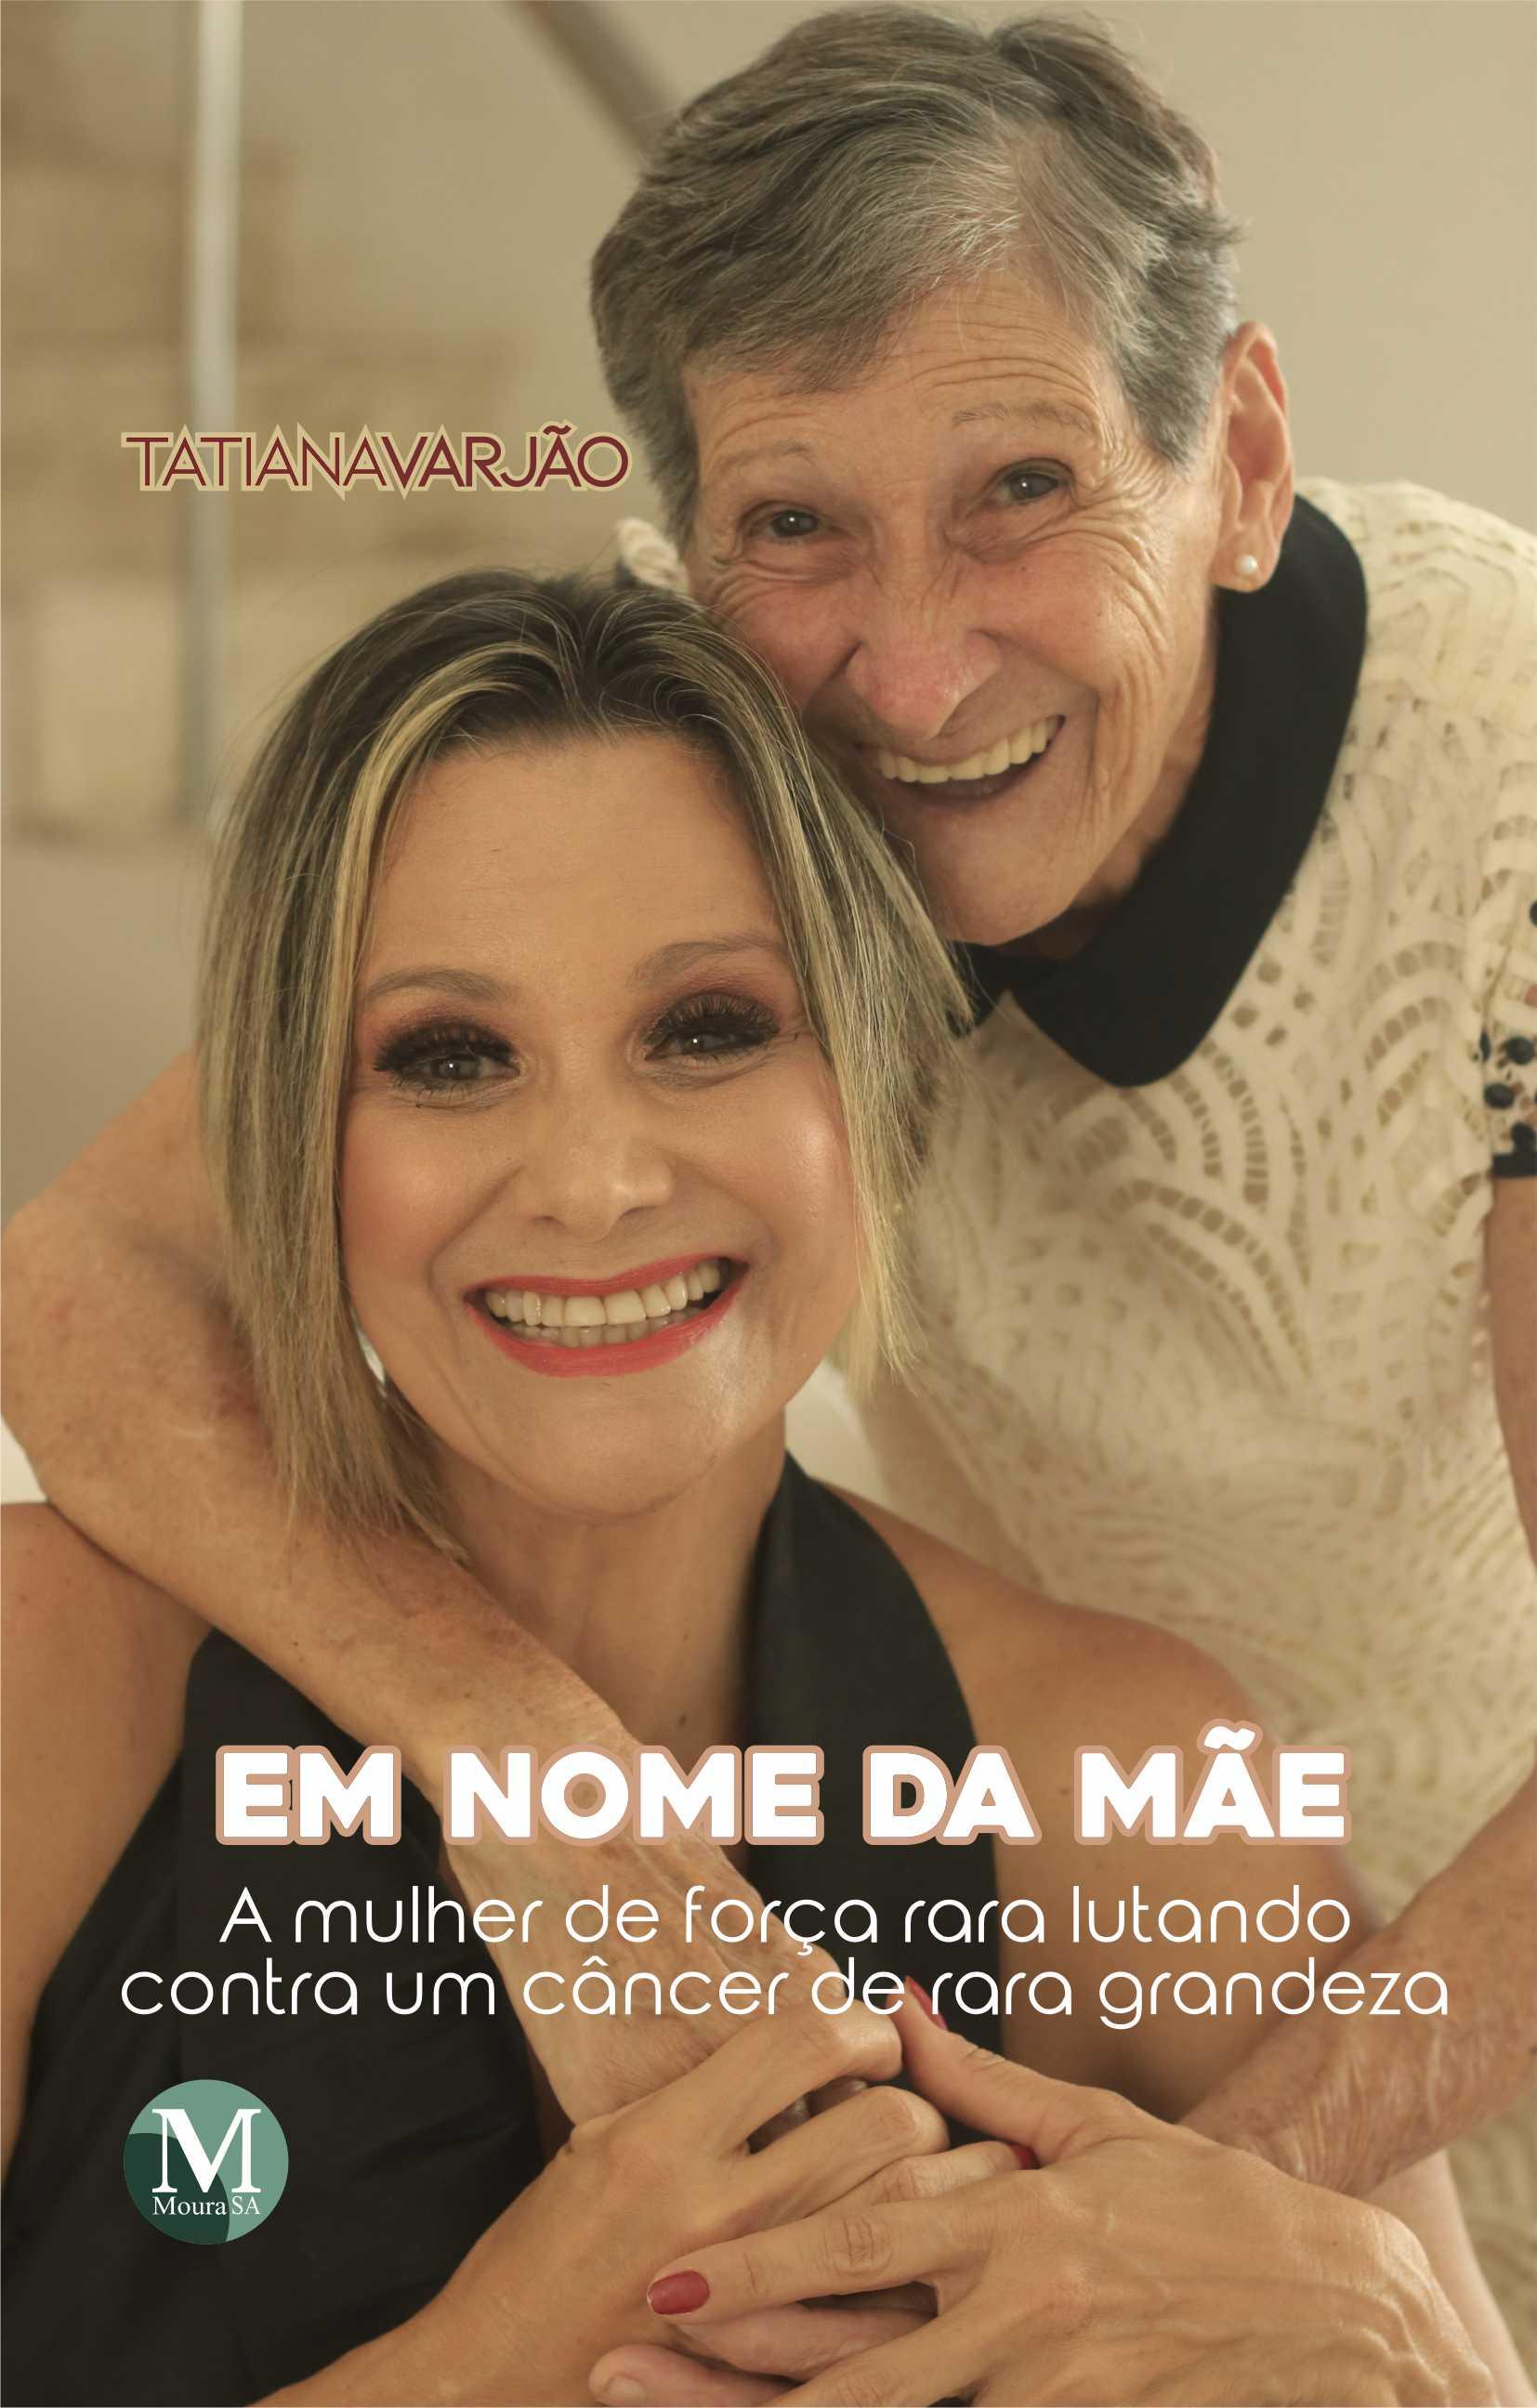 Capa do livro: EM NOME DA MÃE:<br> a mulher de força rara lutando contra um câncer de rara grandeza